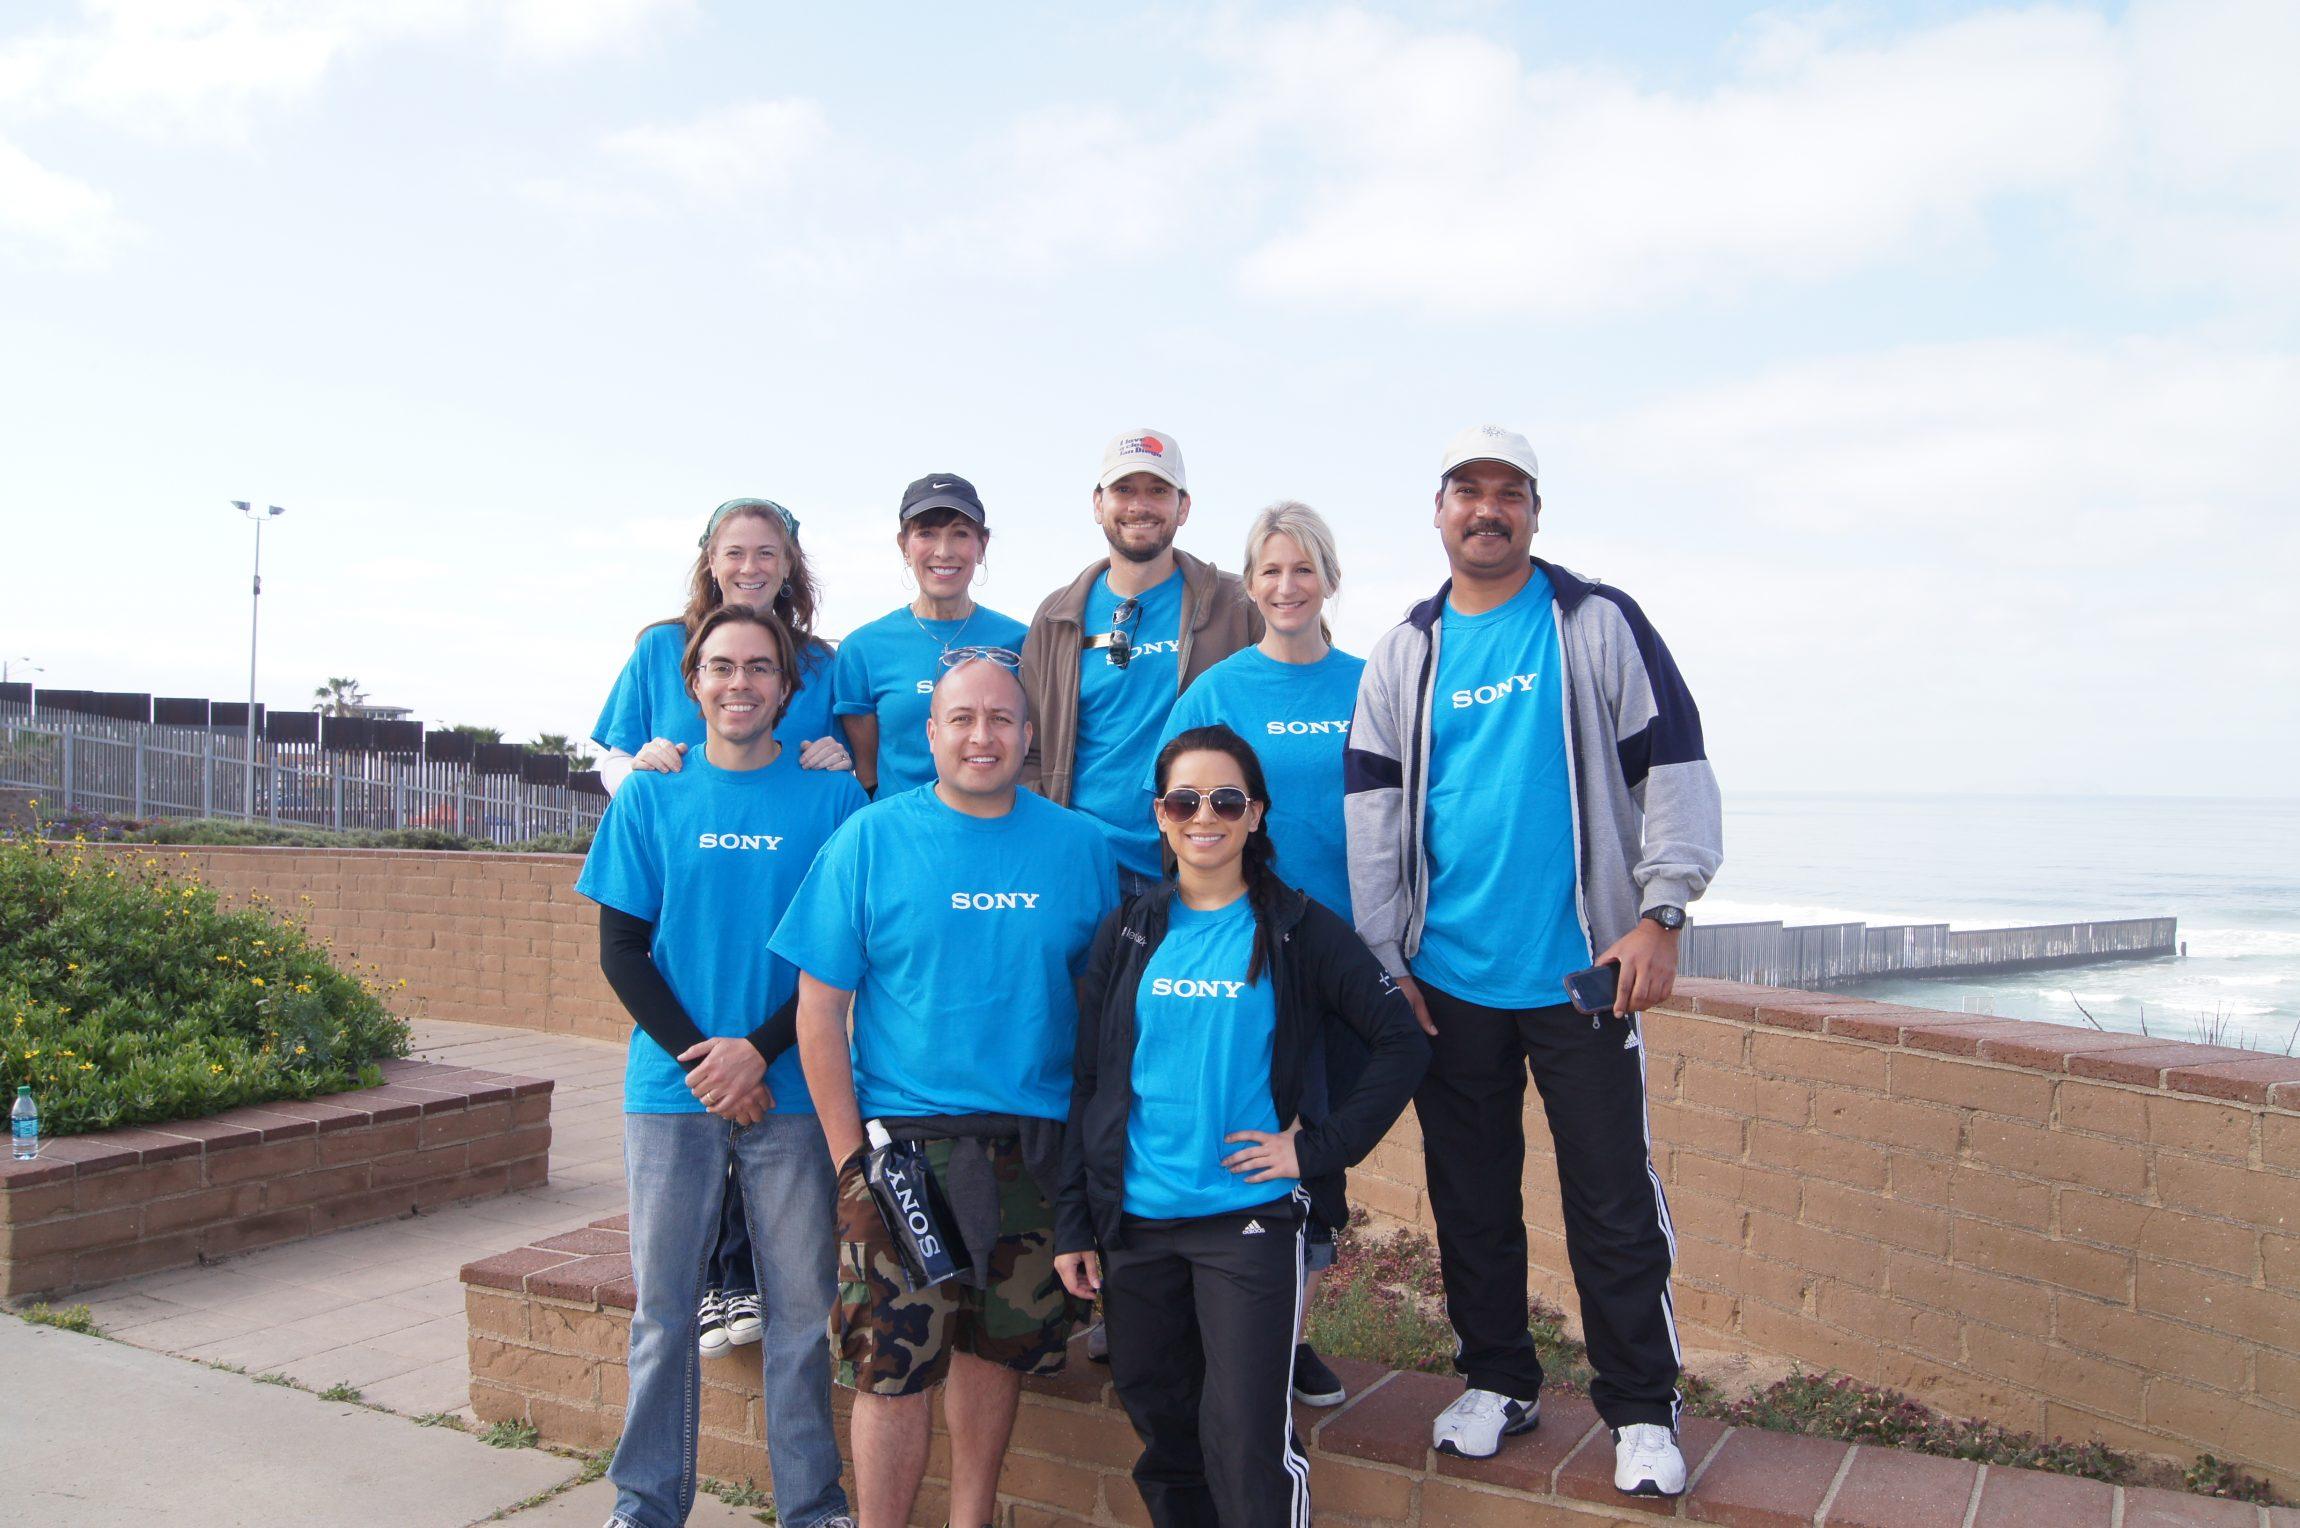 Sony employee volunteer group at Kids' Ocean Day 2015